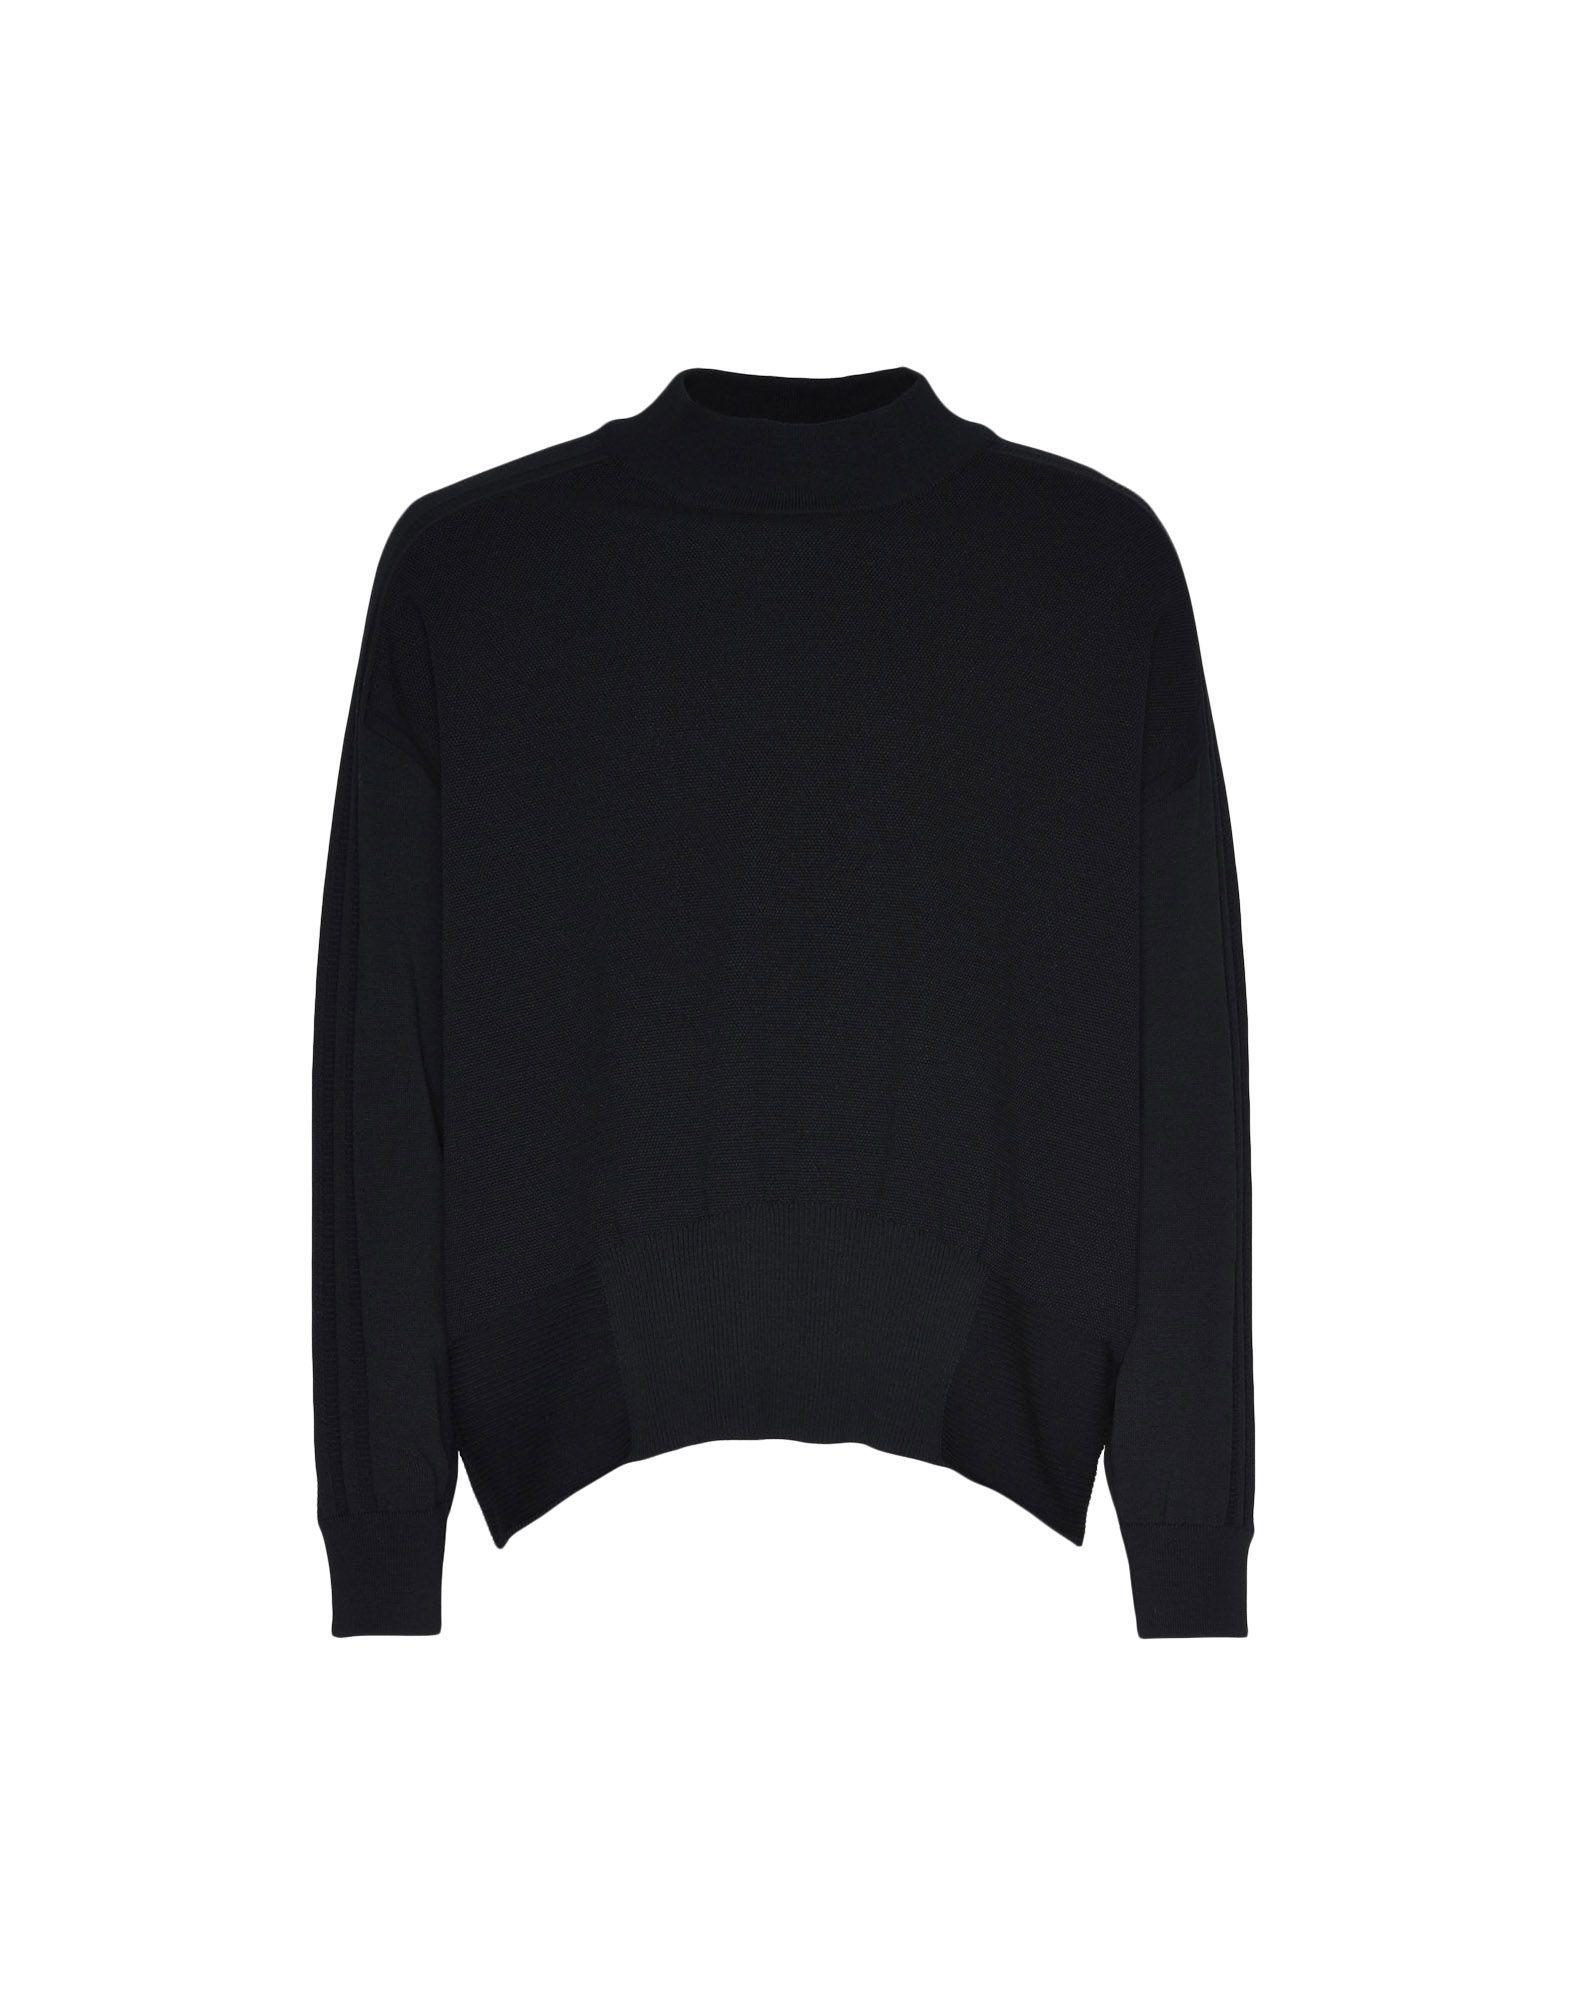 Y-3 Y-3 Tech Wool Sweater Langarmpulli Herren f